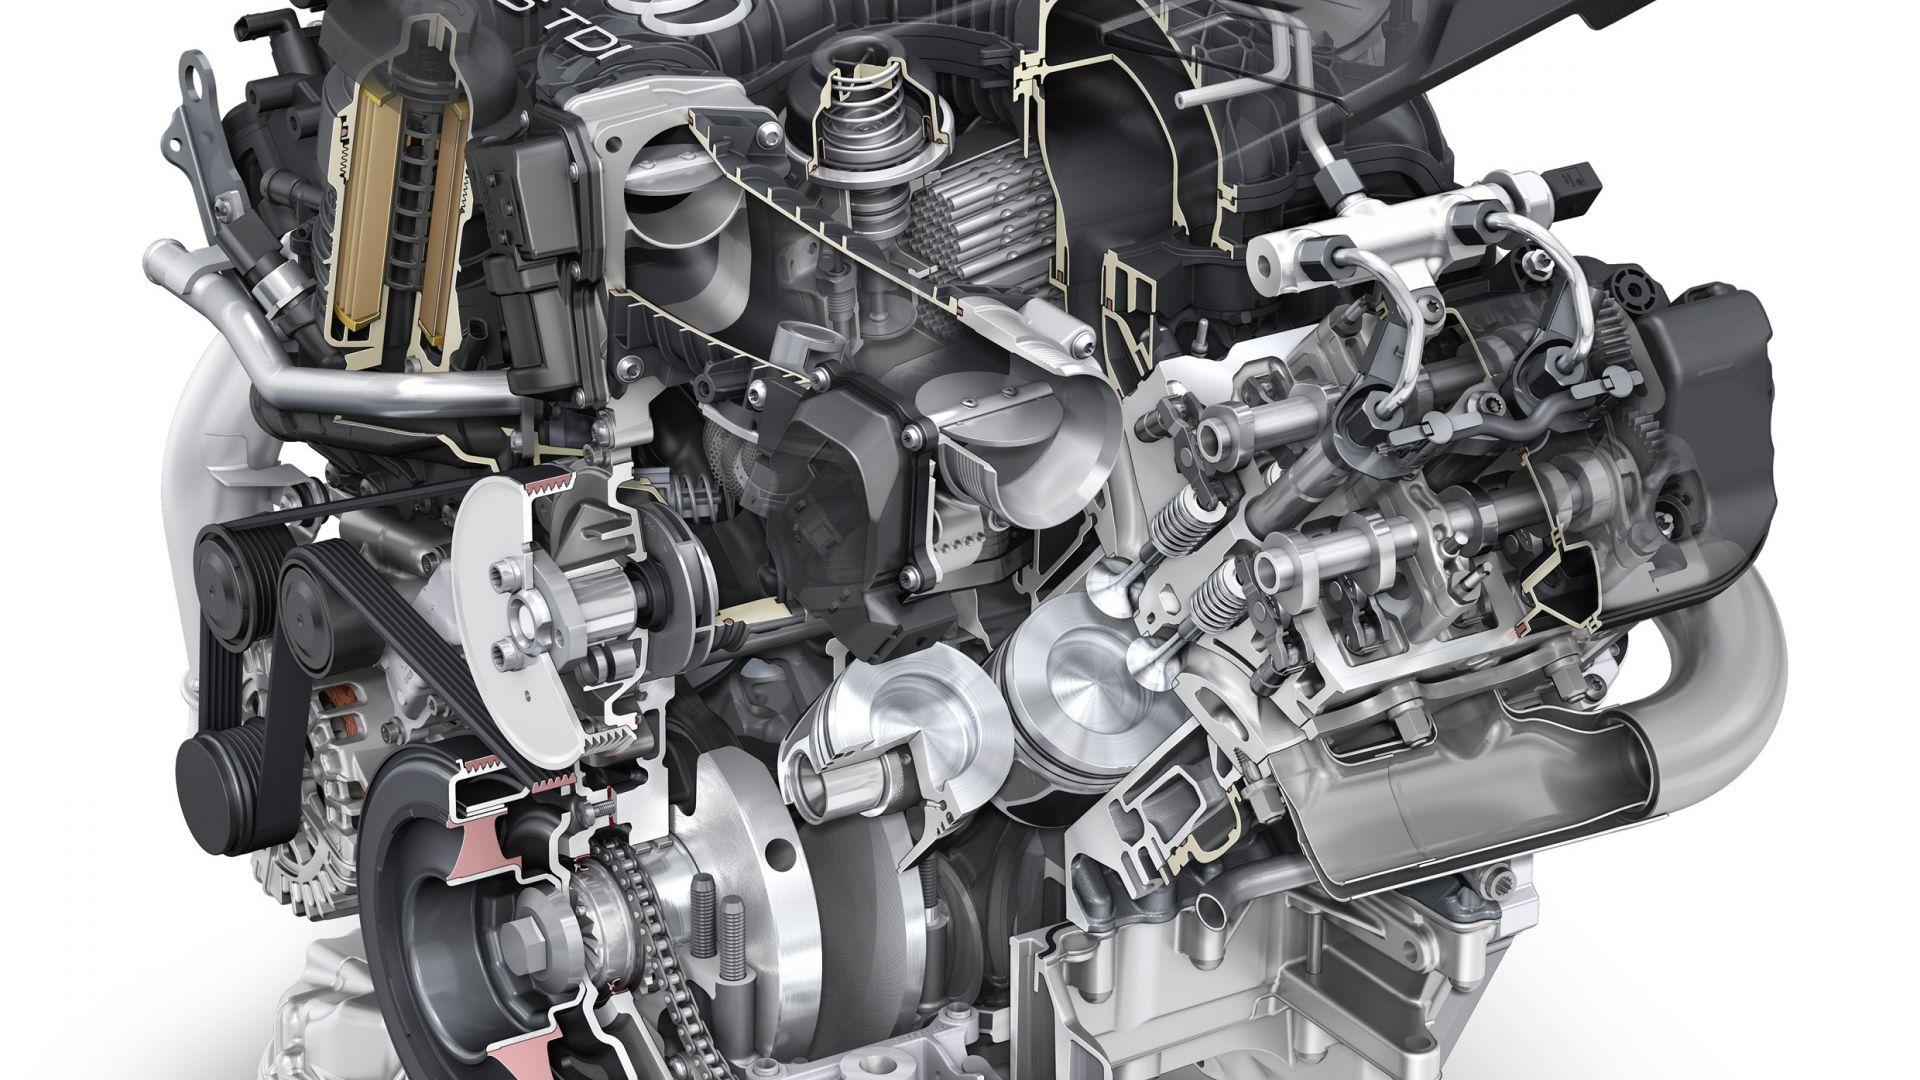 vw 1 8 engine diagram novit   pi   cv per l audi 3 0 v6 tdi motorbox  novit   pi   cv per l audi 3 0 v6 tdi motorbox